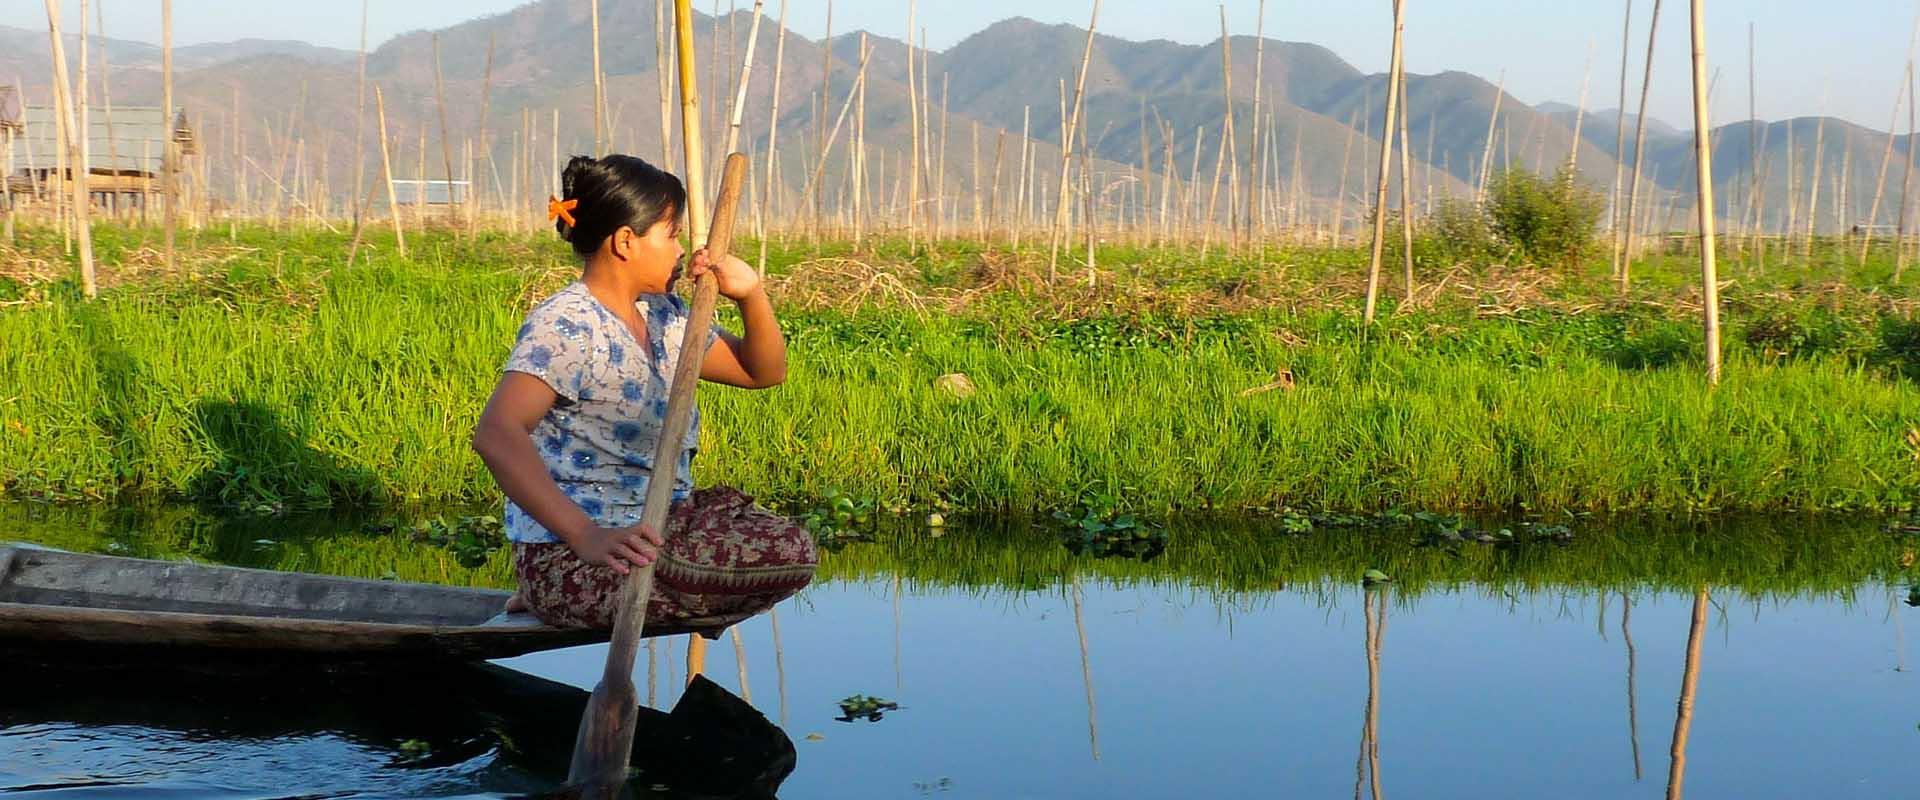 pêcheur rivière birmanie